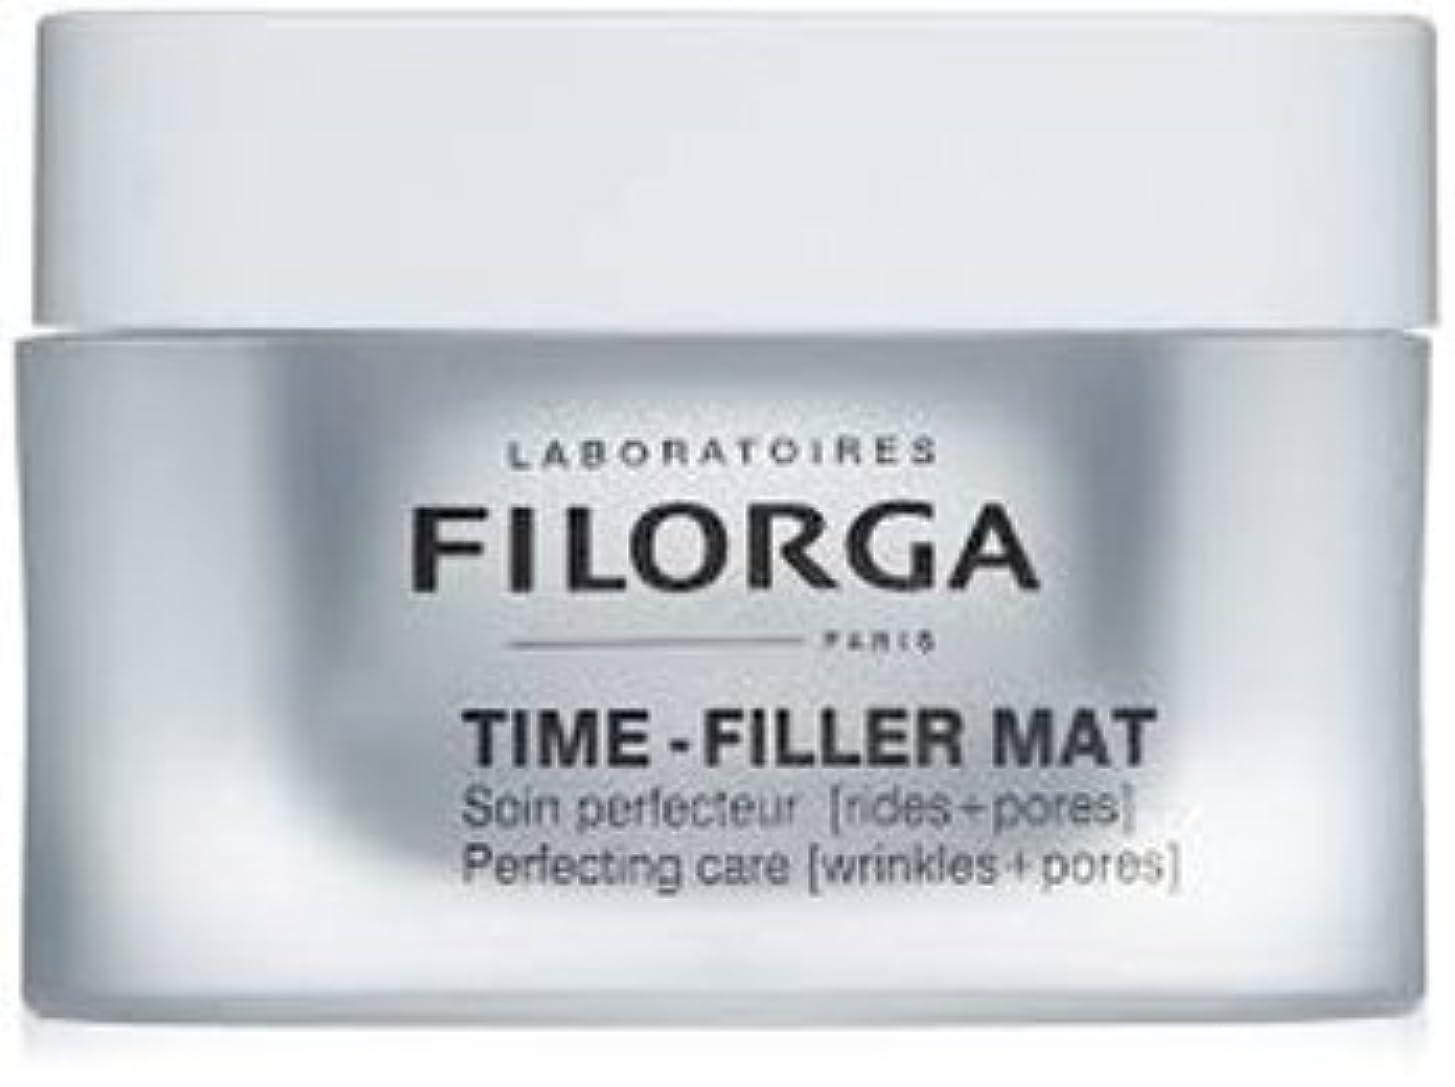 乞食耐えられない部屋を掃除する[フィロルガ] タイムフィラーMAT TIME FILLER MAT 50ml [海外直送品][フランス直送品] [並行輸入品]